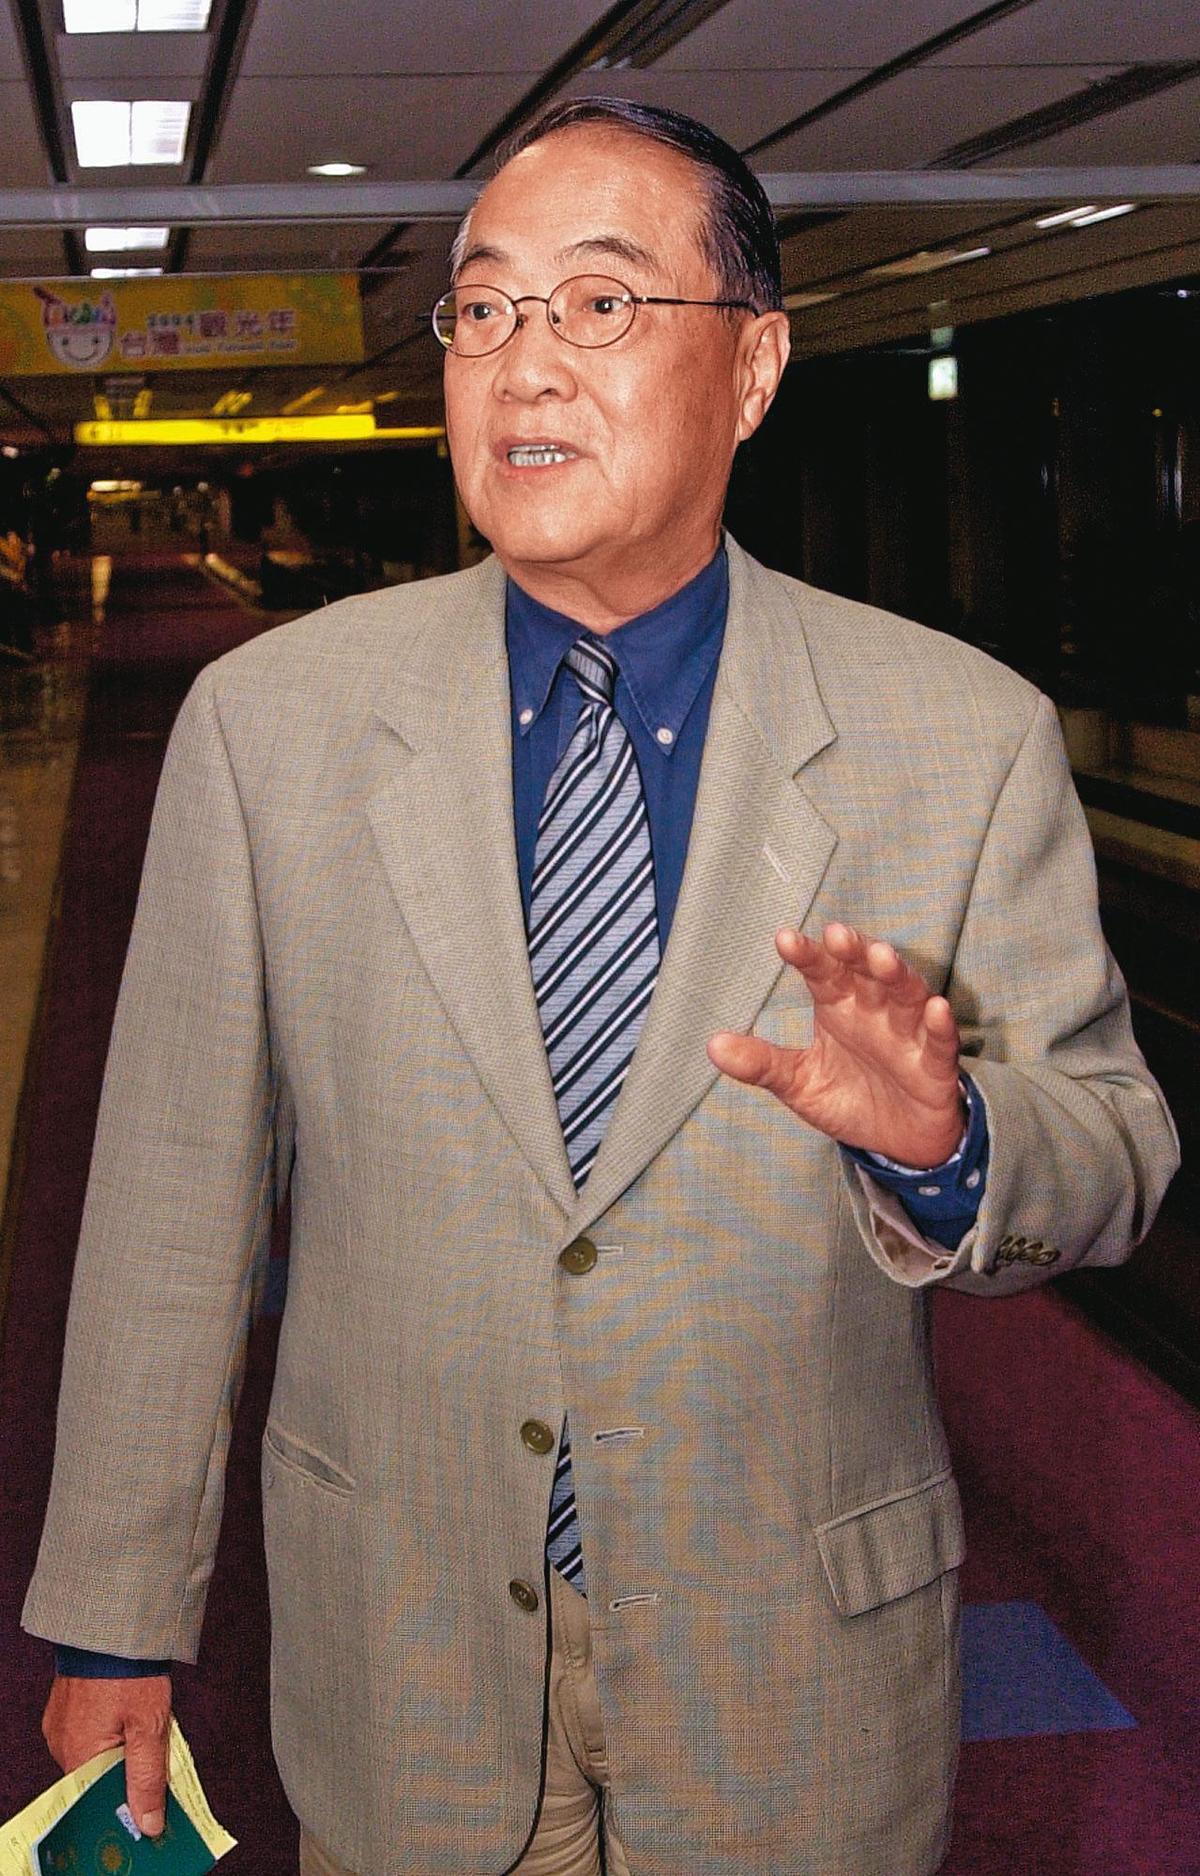 前海軍上將顧崇廉(圖)在翁茂鍾的買股名單上,以金素娟名義買了20張佳和集團股票。(聯合知識庫)